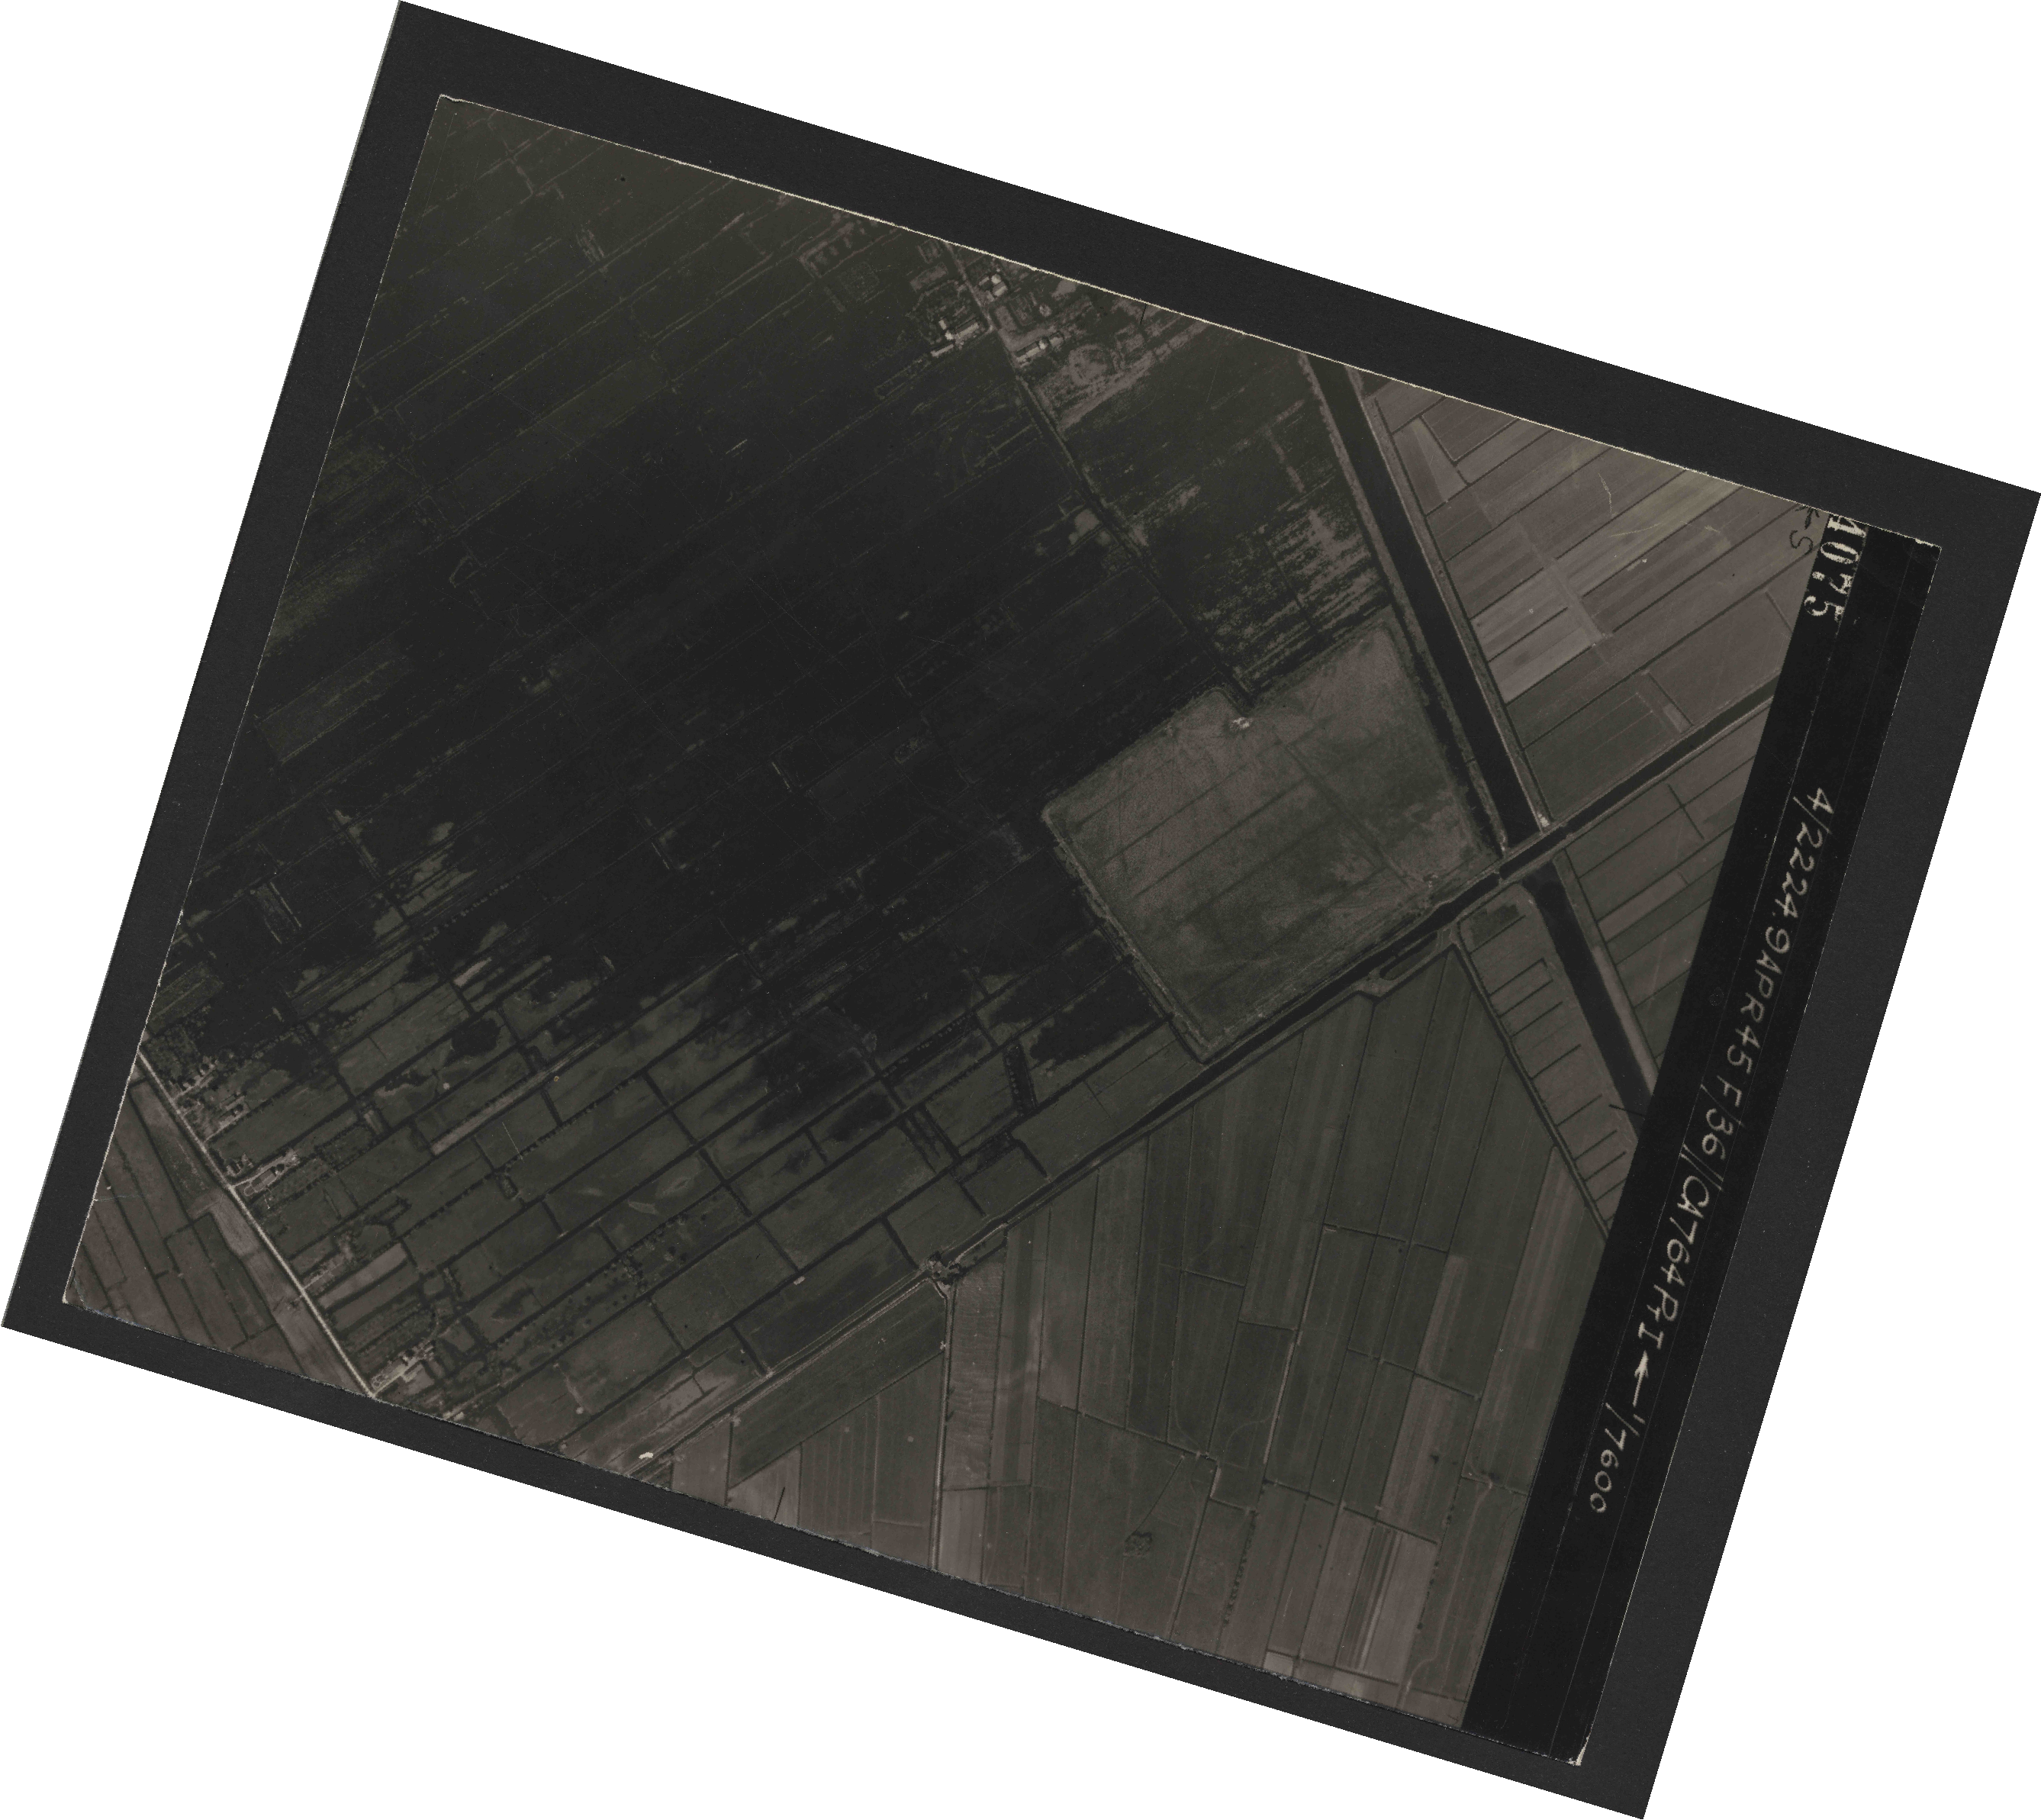 Collection RAF aerial photos 1940-1945 - flight 271, run 10, photo 4075